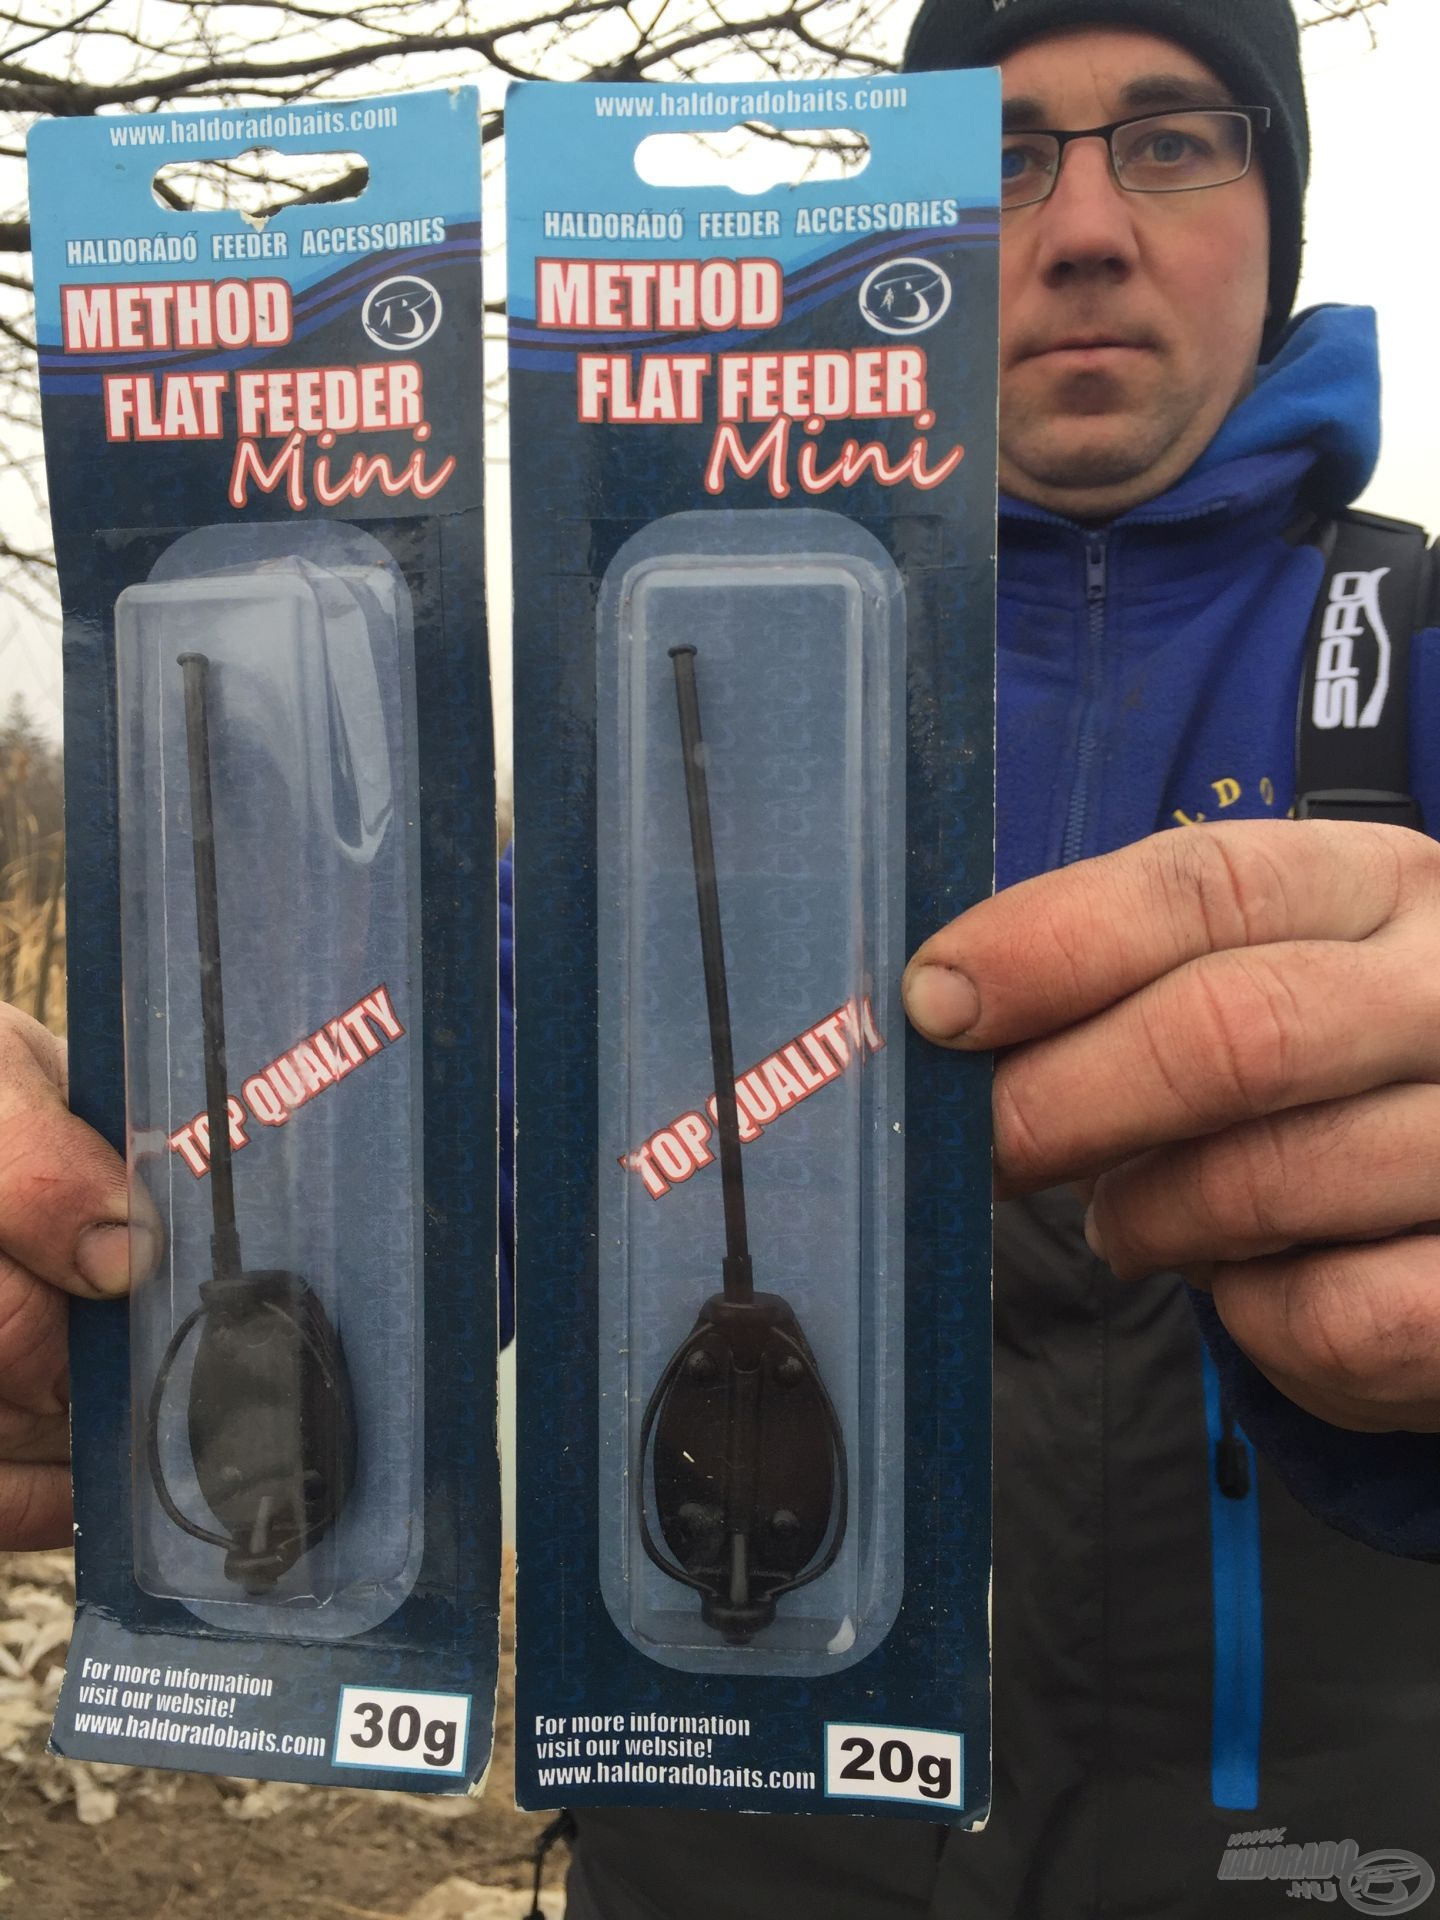 A Haldorádó Method Flat Feeder Mini 20 g-os és 30 g-os változata